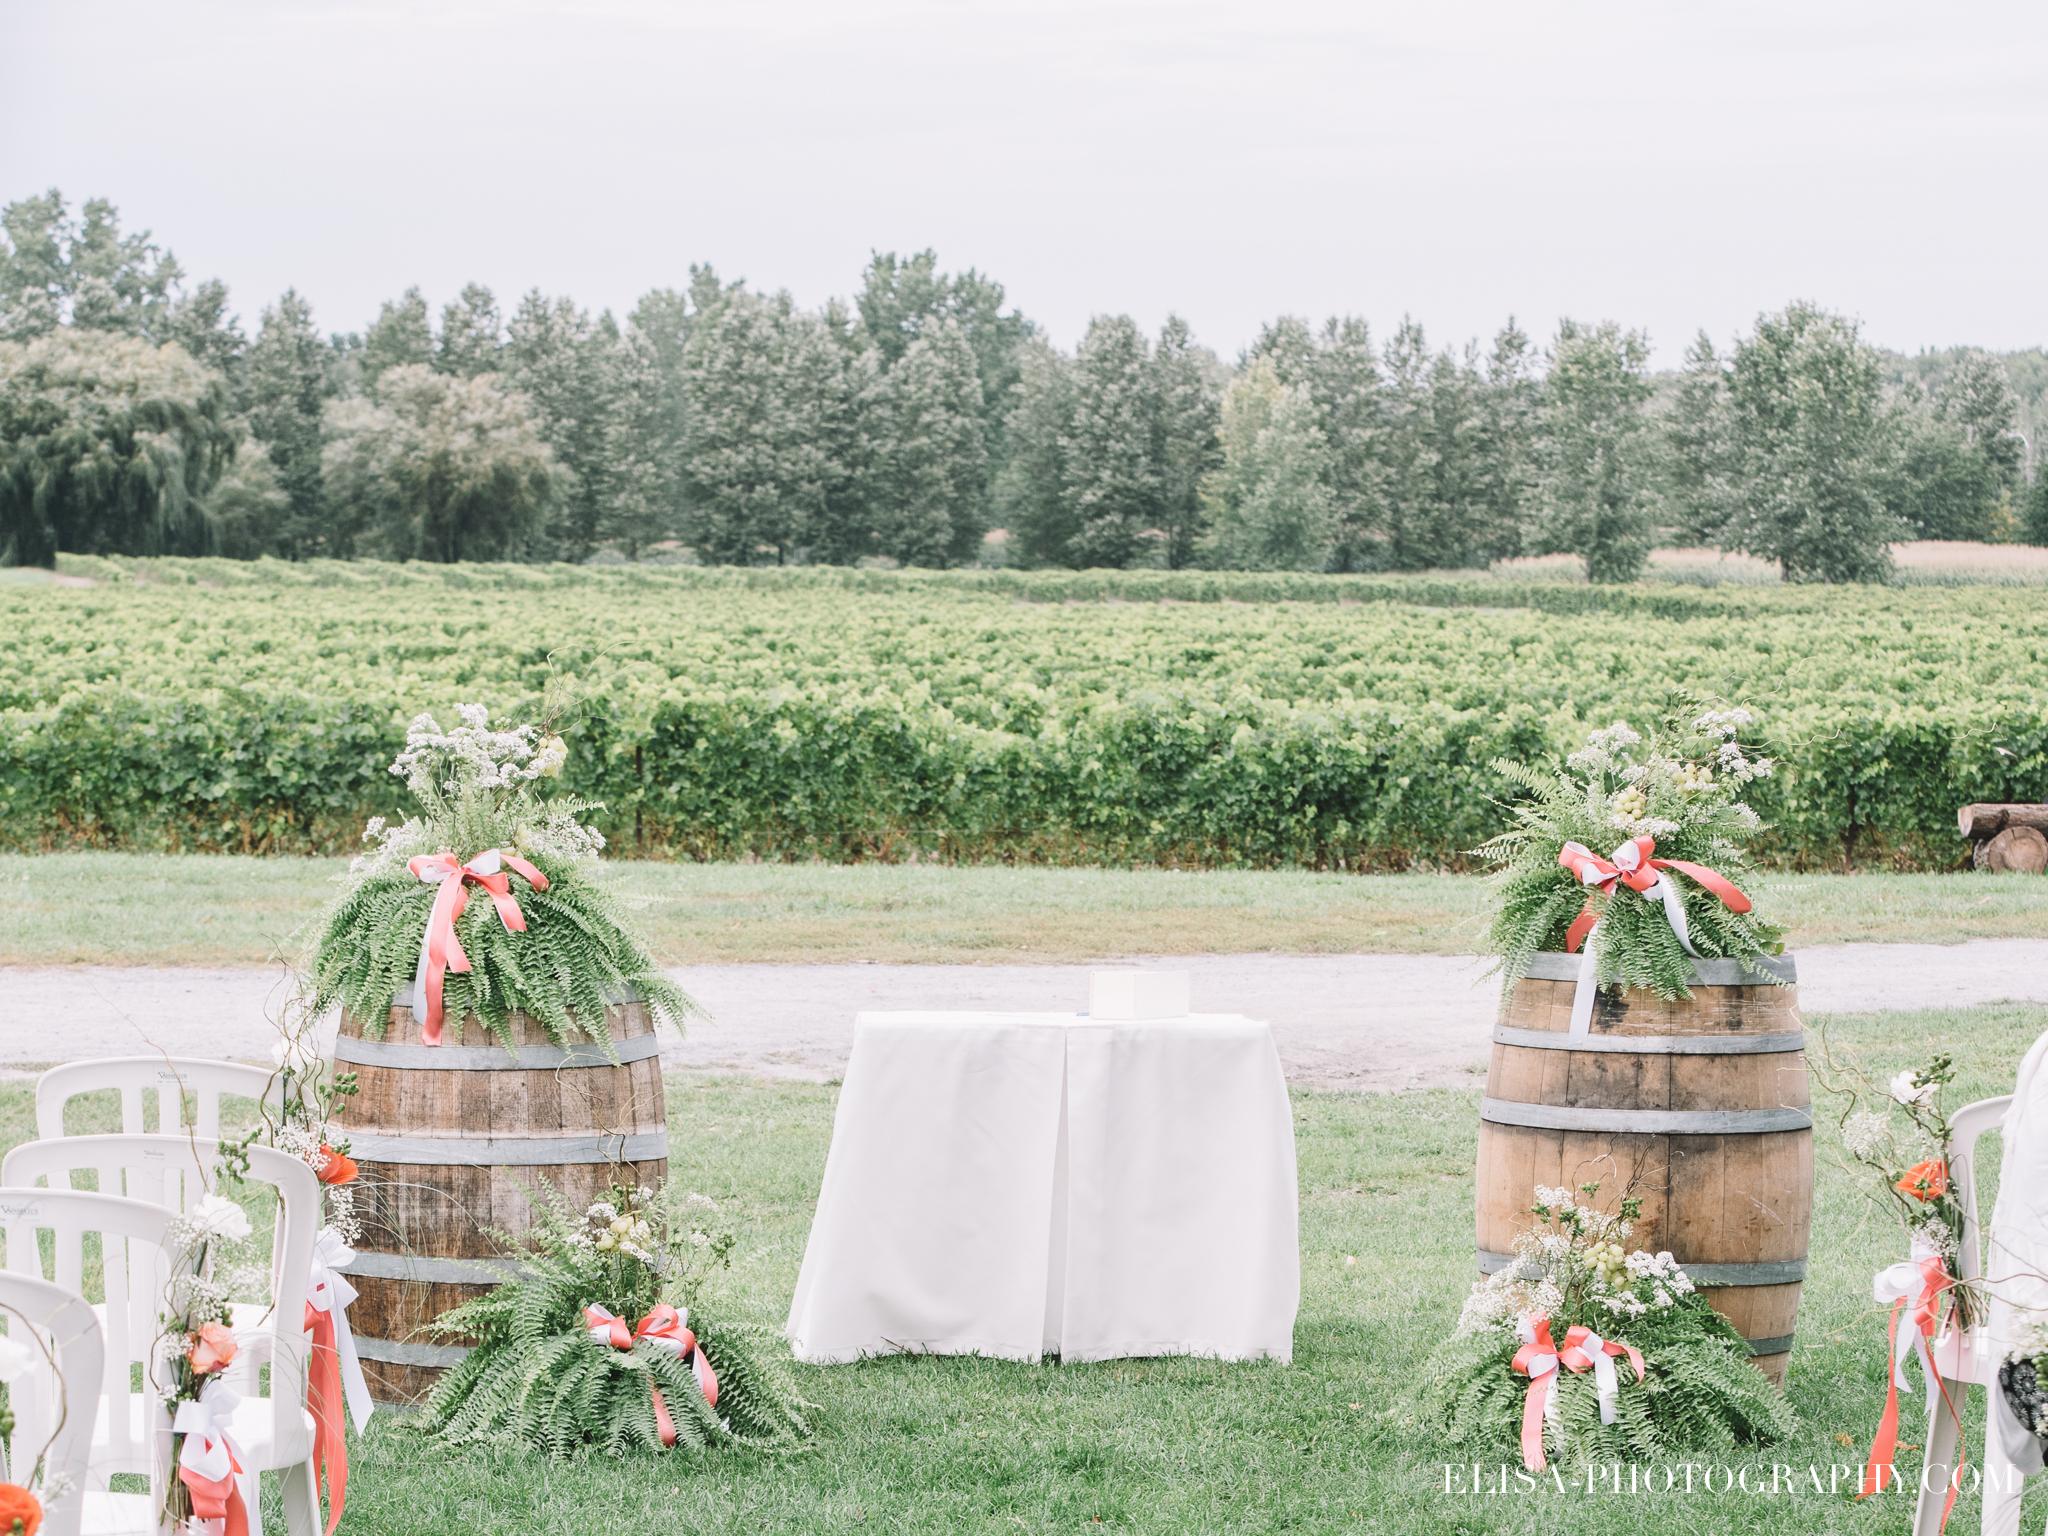 mariage cérémonie raisins barils fougères vignoble orpailleur dunham photo 3470 - Chronologie d'un mariage | Horaire idéal pour vos photos